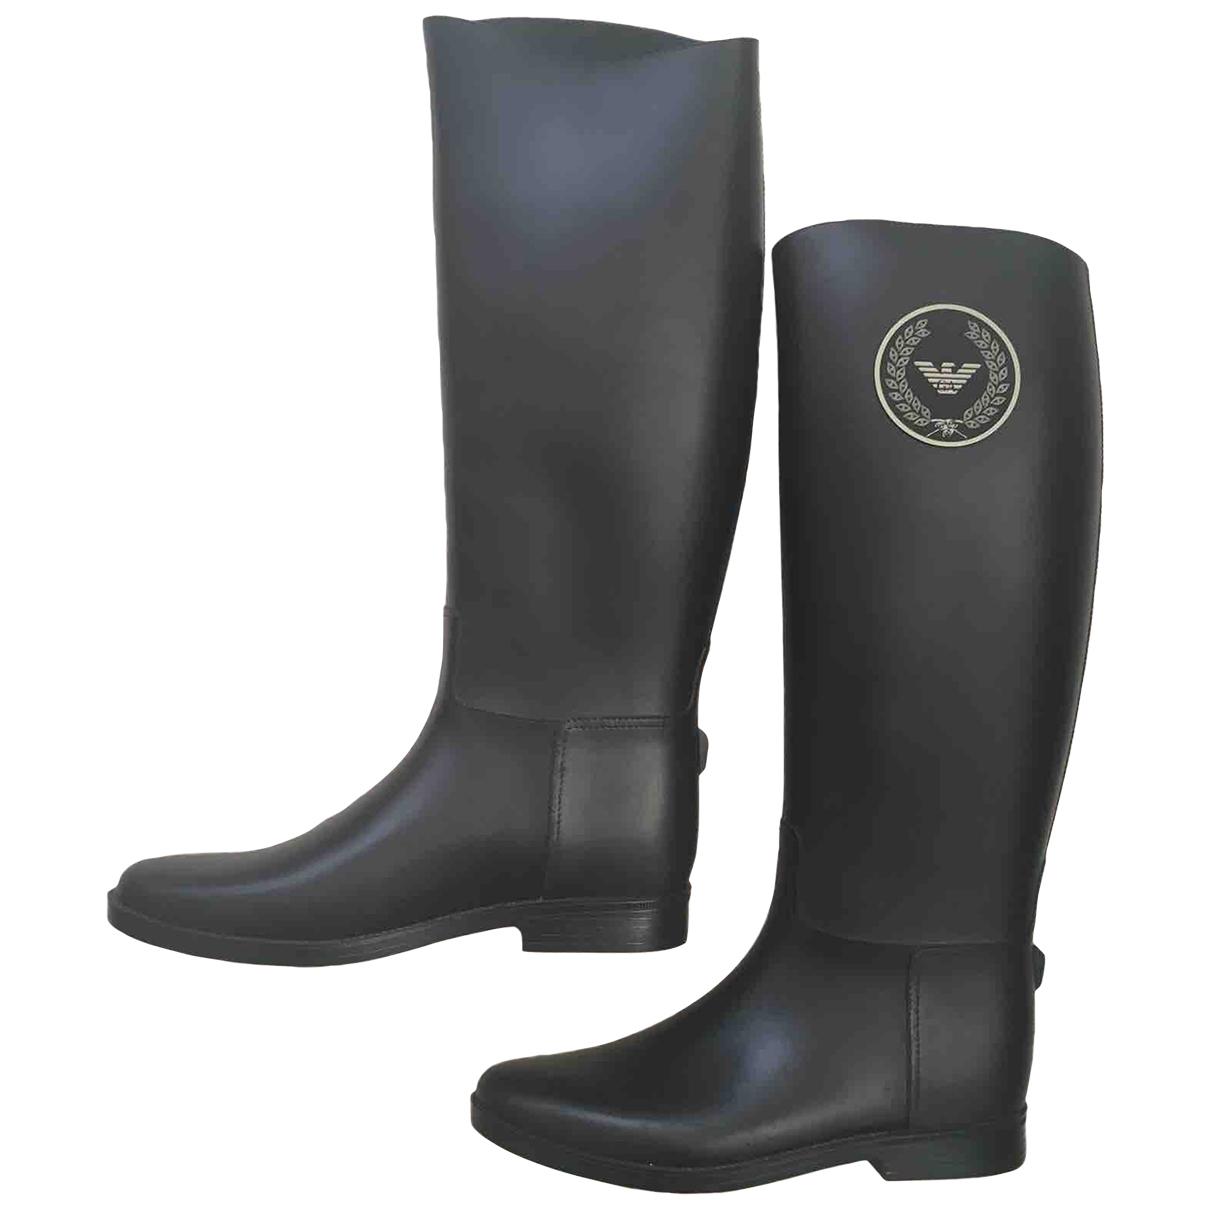 Giorgio Armani - Bottes   pour femme en caoutchouc - noir